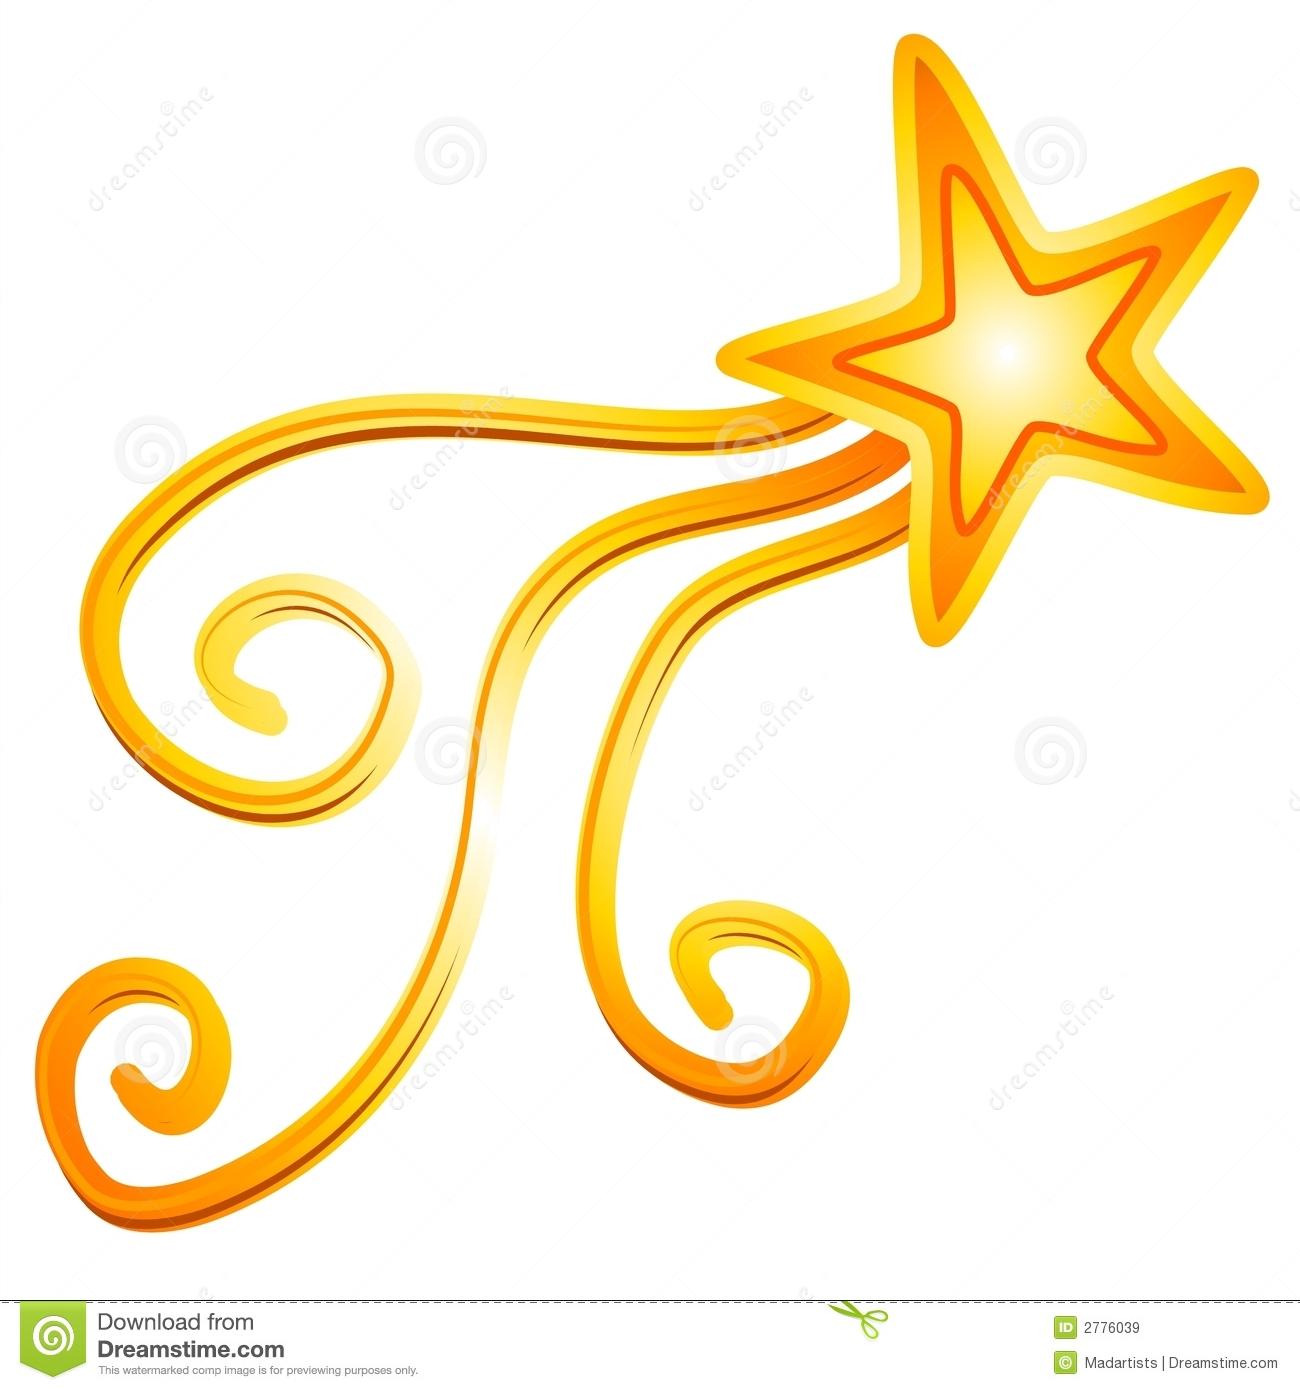 Estrellas fugaces en navidad plumyx for Estrella fugaz navidad